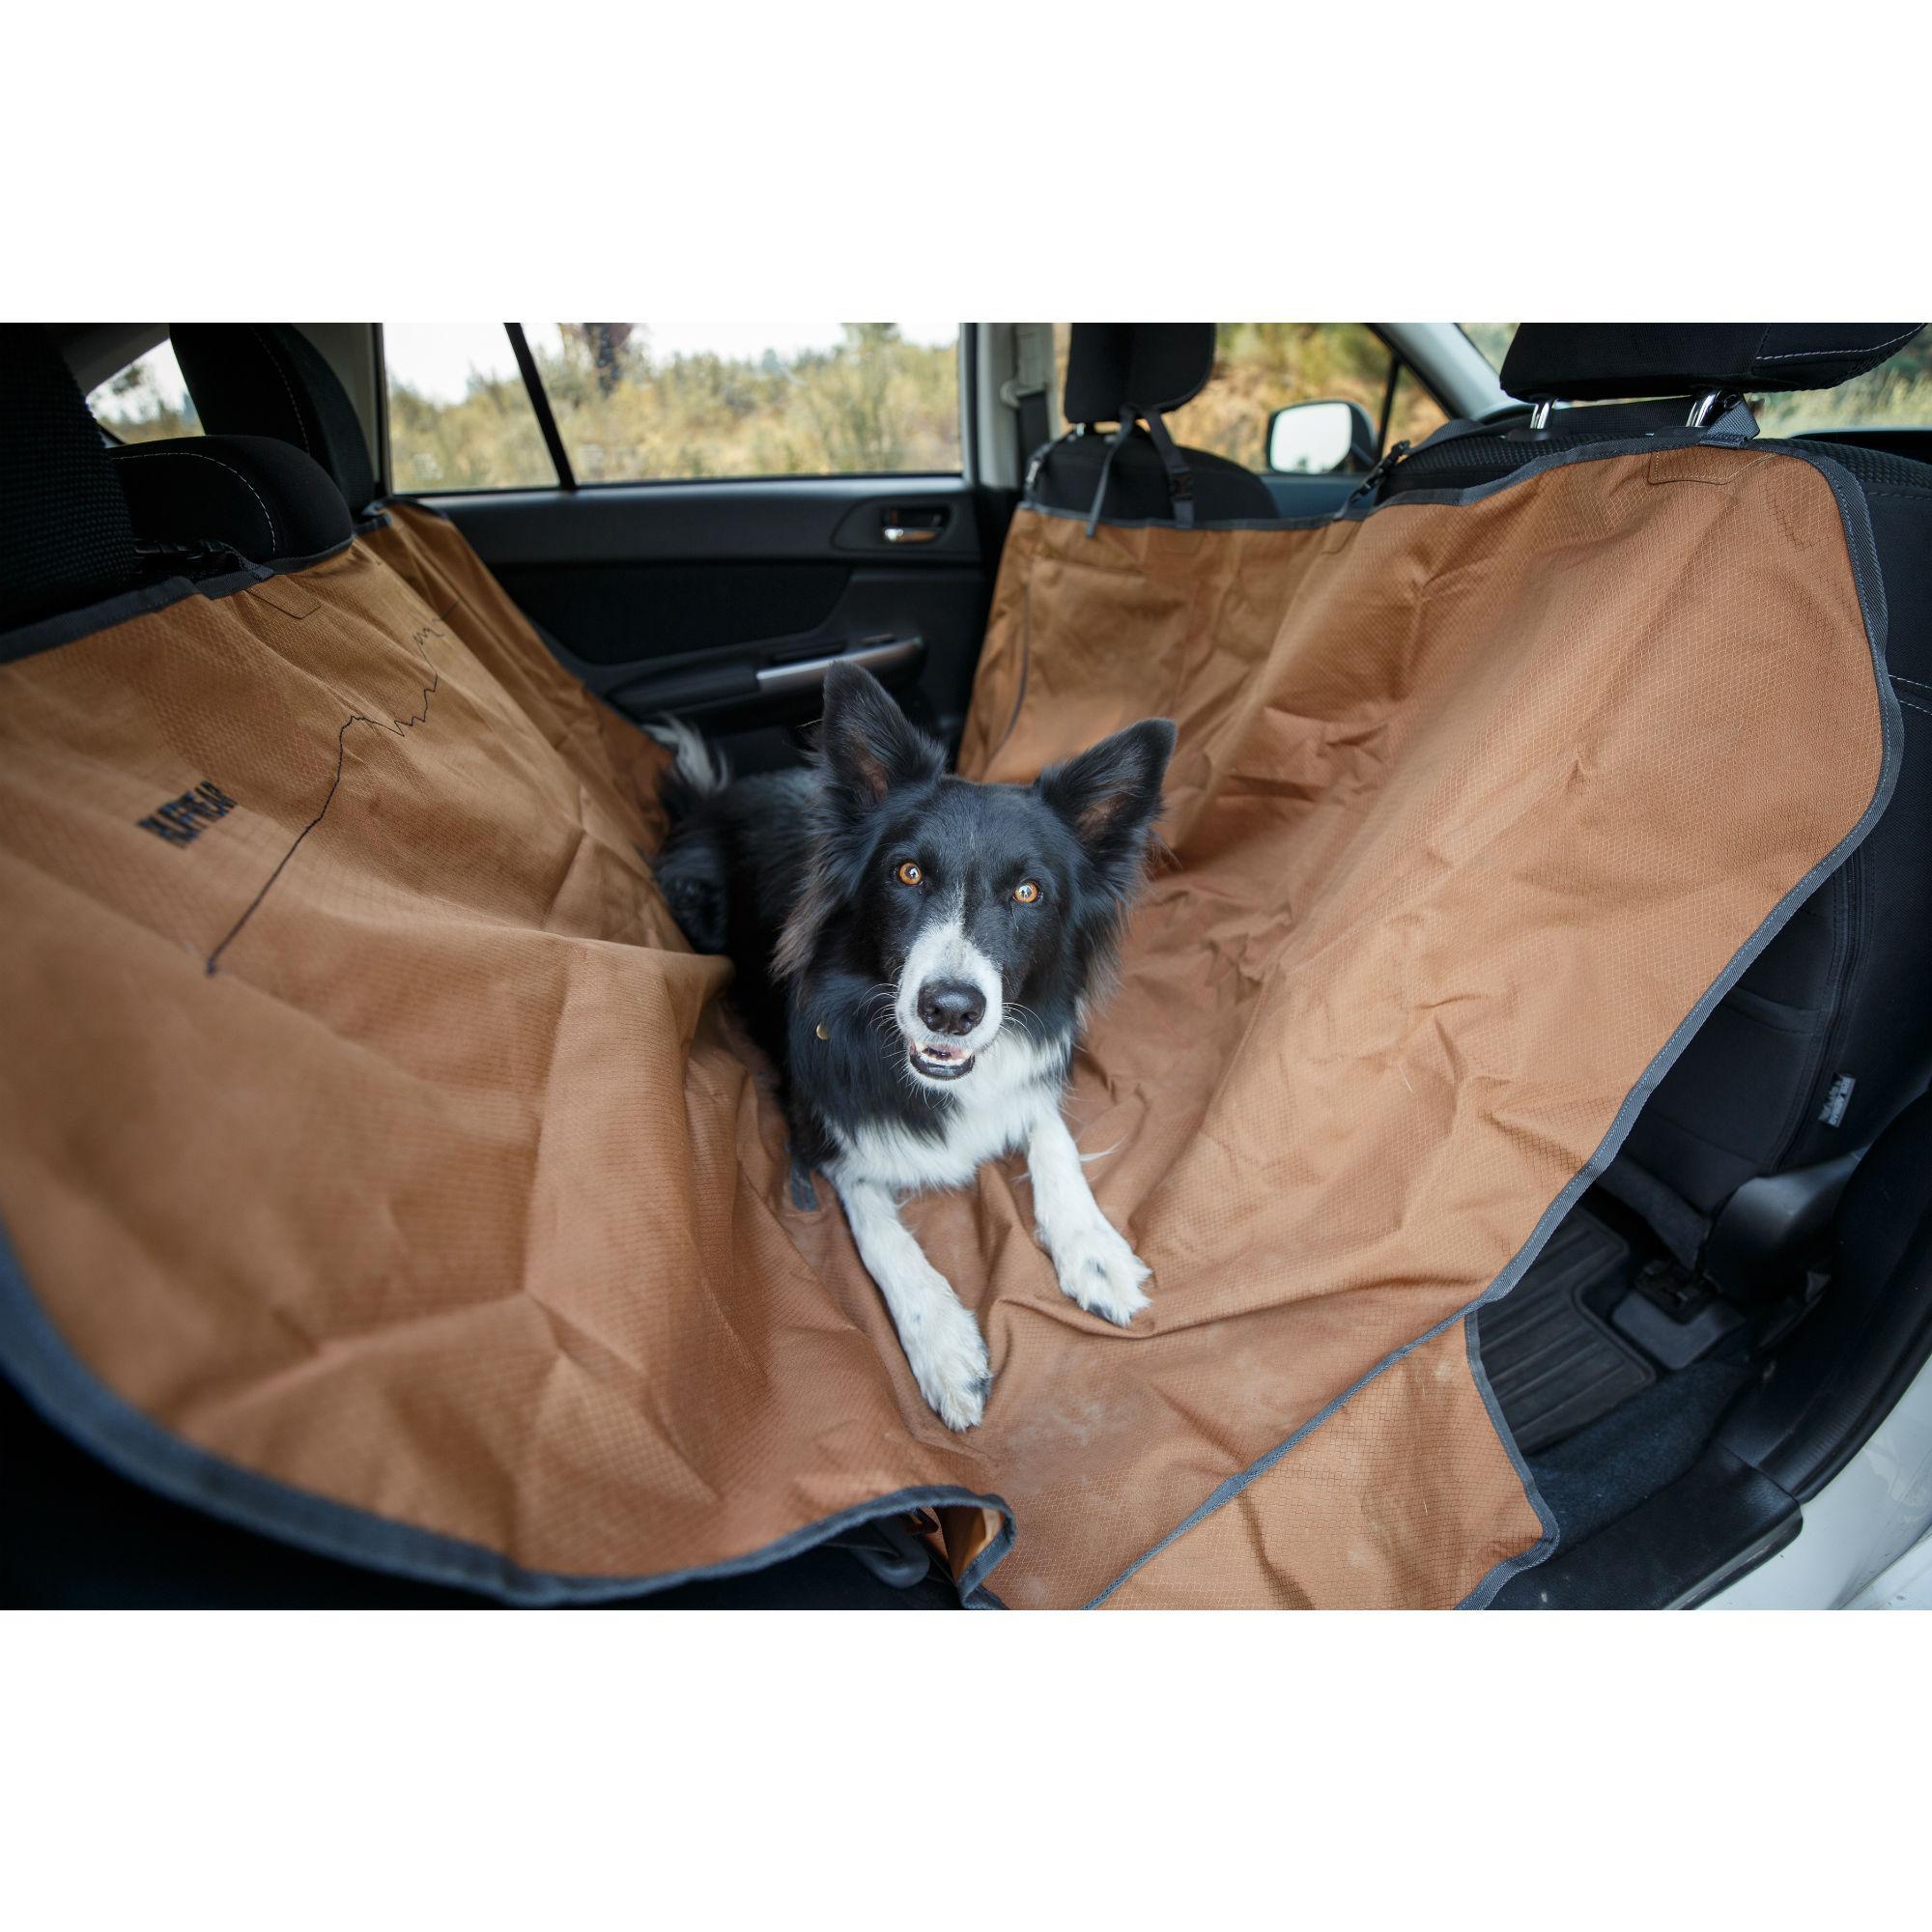 Dirtbag Seat Cover by RuffWear - Trailhead Brown